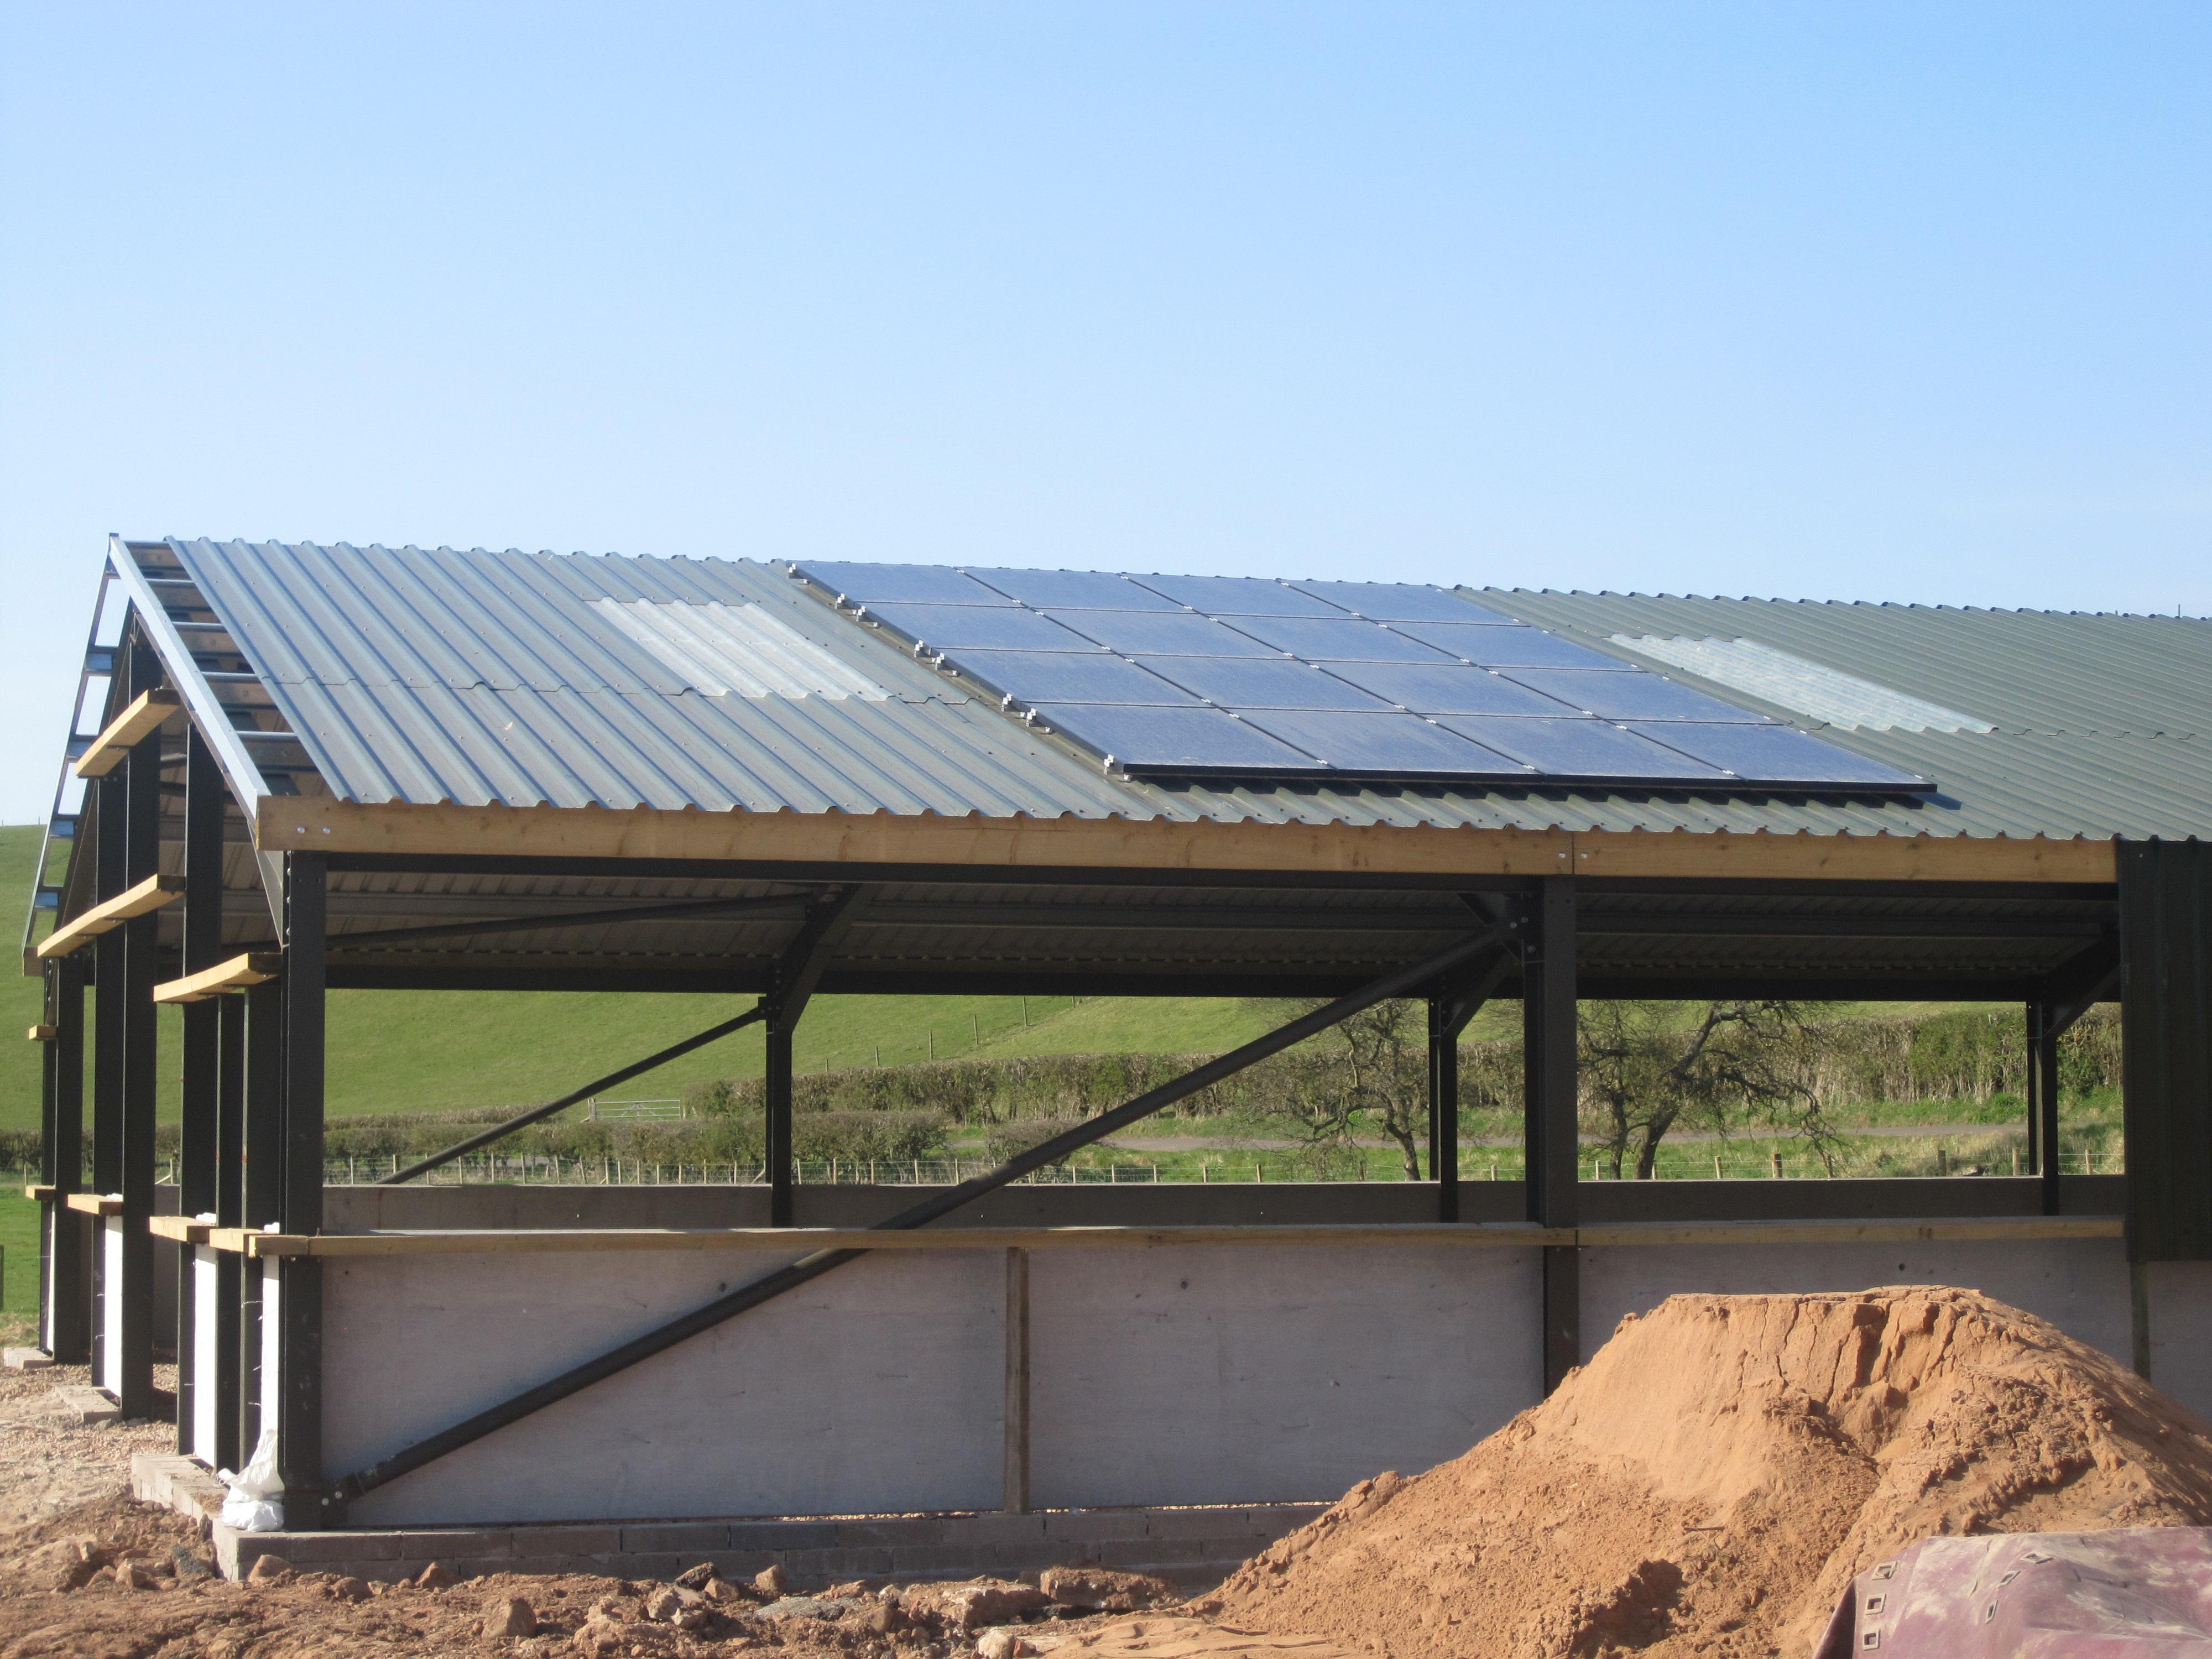 Agricultural Solar Panel Installation in Longmarton Cumbria